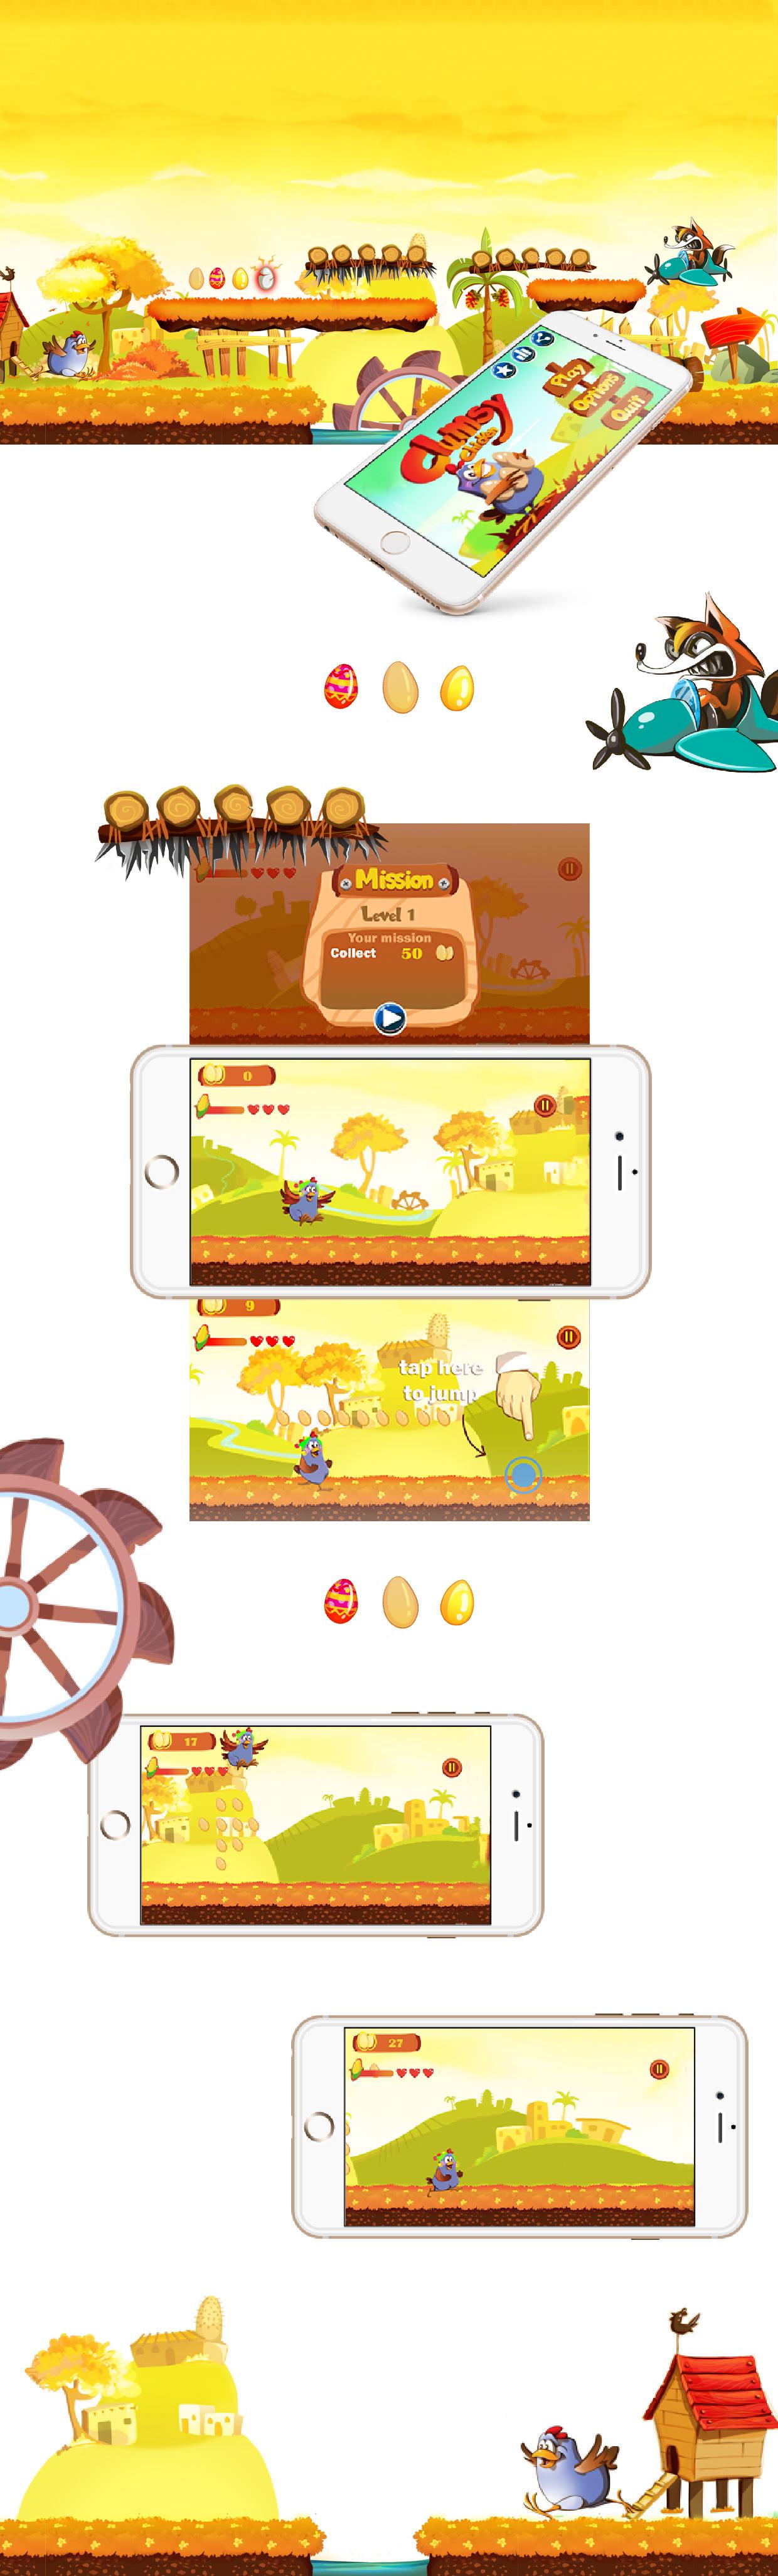 Clumsy Chicken , Game Development